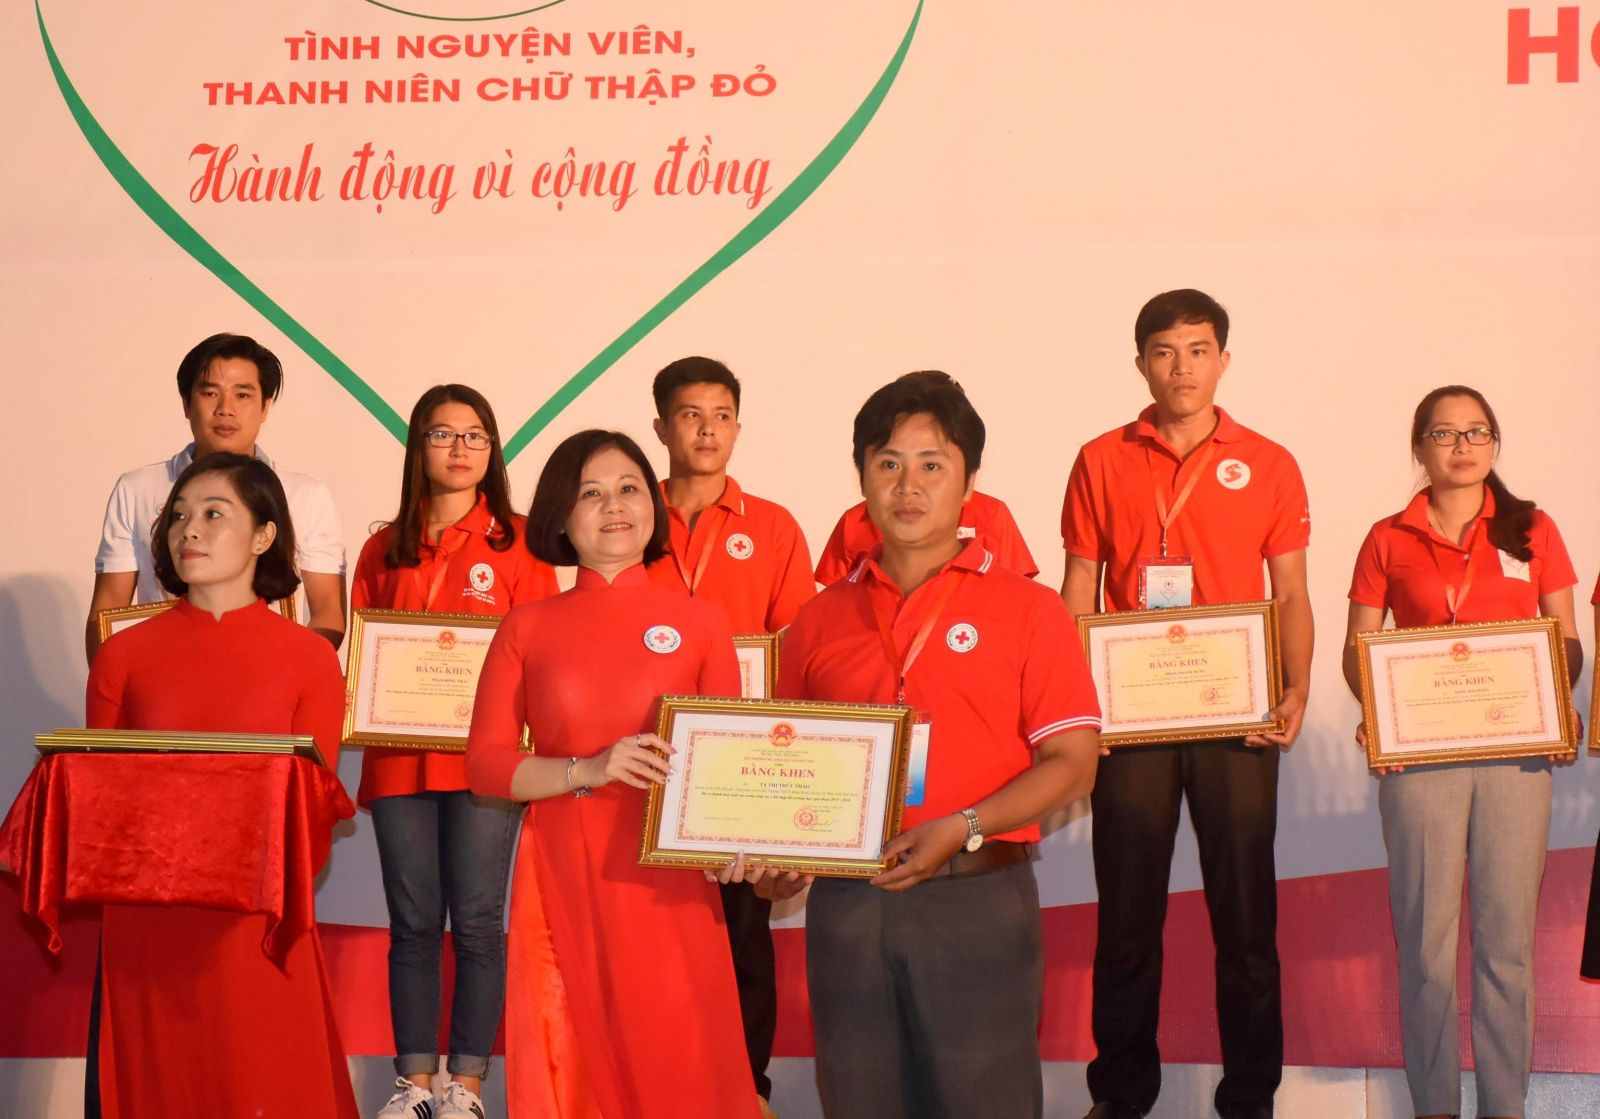 Bà Trần Thị Hồng An, Phó Chủ tịch Trung ương Hội CTĐ Việt Nam trao Bằng khen của Trung ương Hội cho TNV tiêu biểu toàn quốc. Ảnh: X.Đào